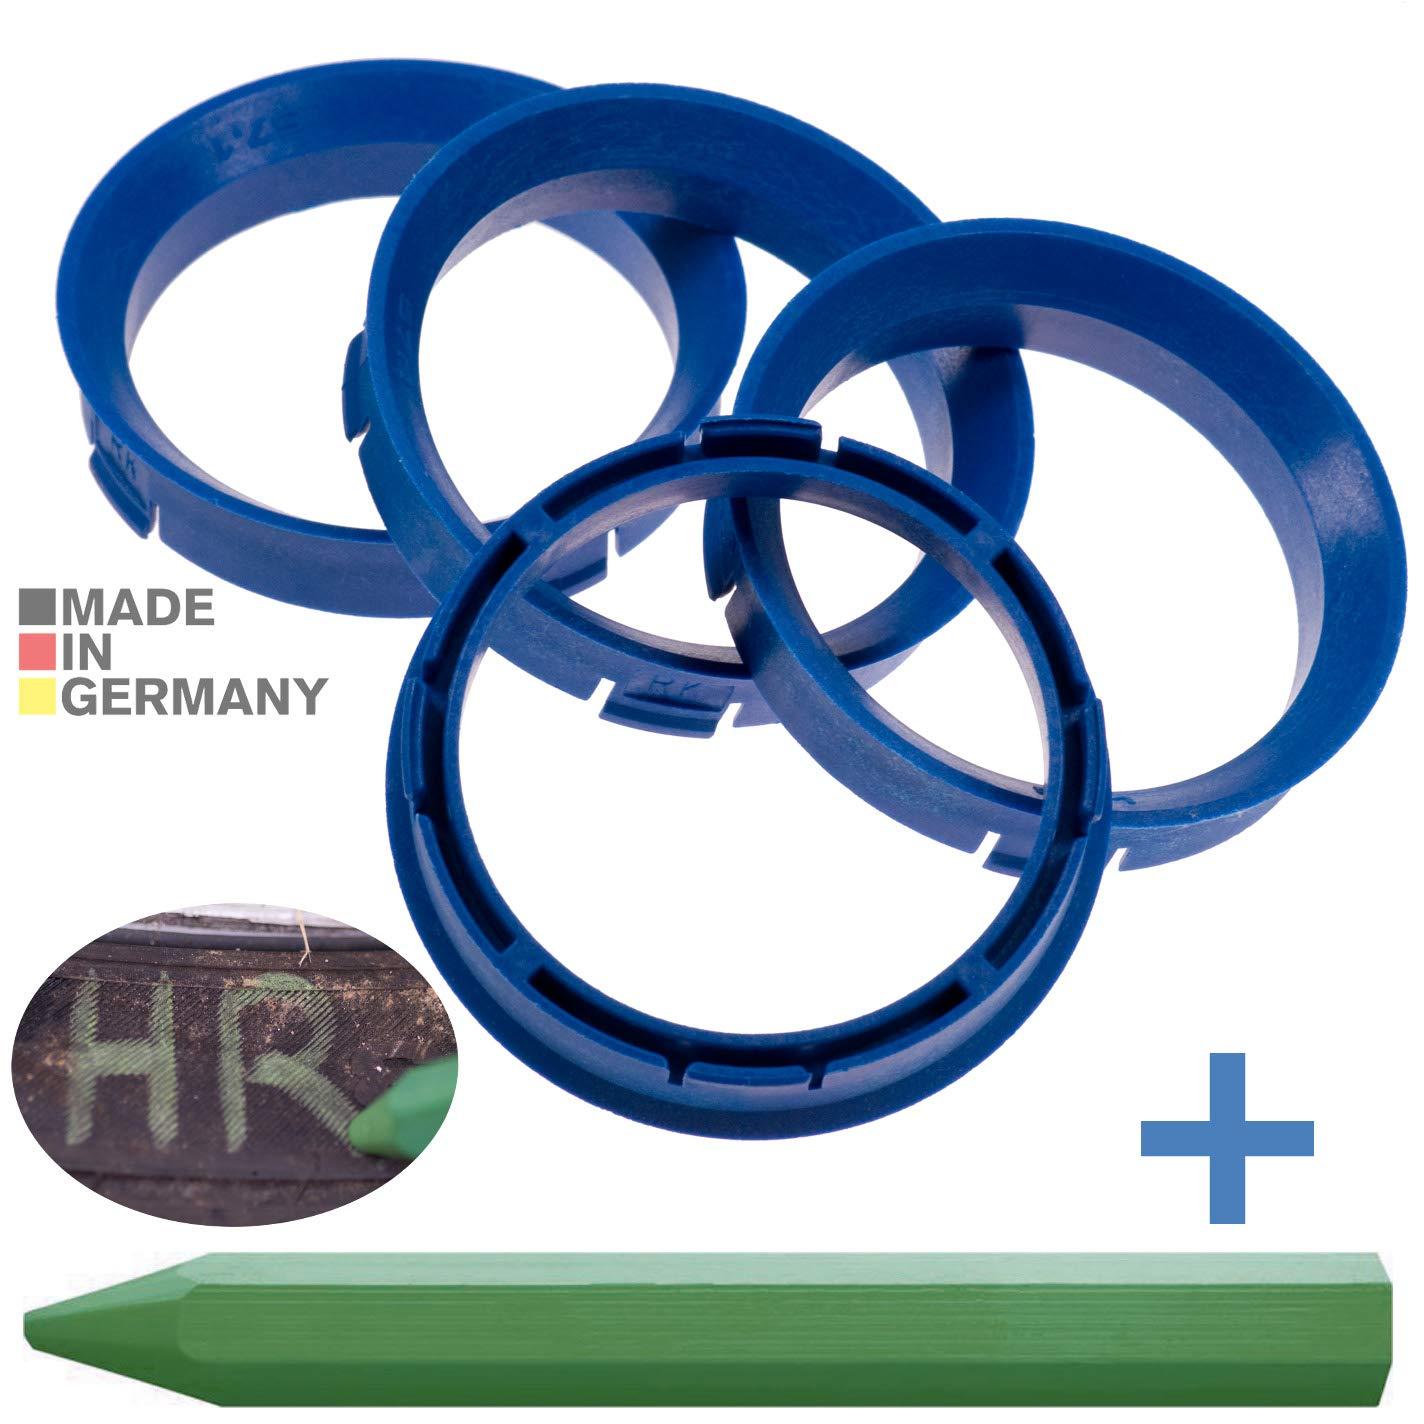 CRK 4X Zentrierringe Blau 66,6 mm x 57,1 mm 1x Reifen Kreide Fett Stift in Gr/ün